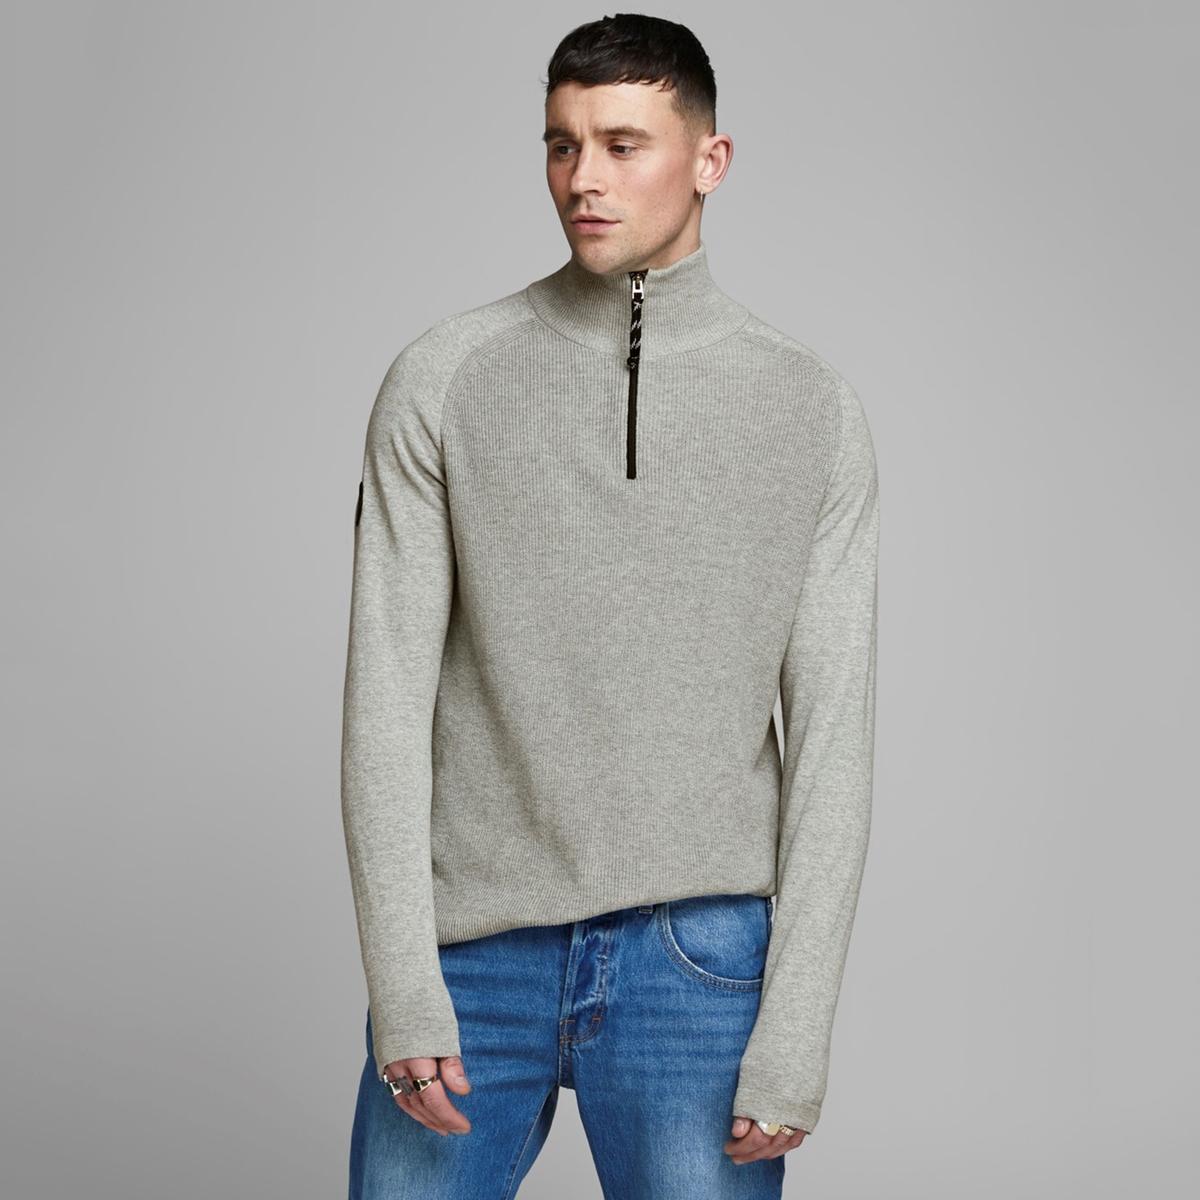 Пуловер La Redoute С воротником-стойкой на молнии Jorklover S серый